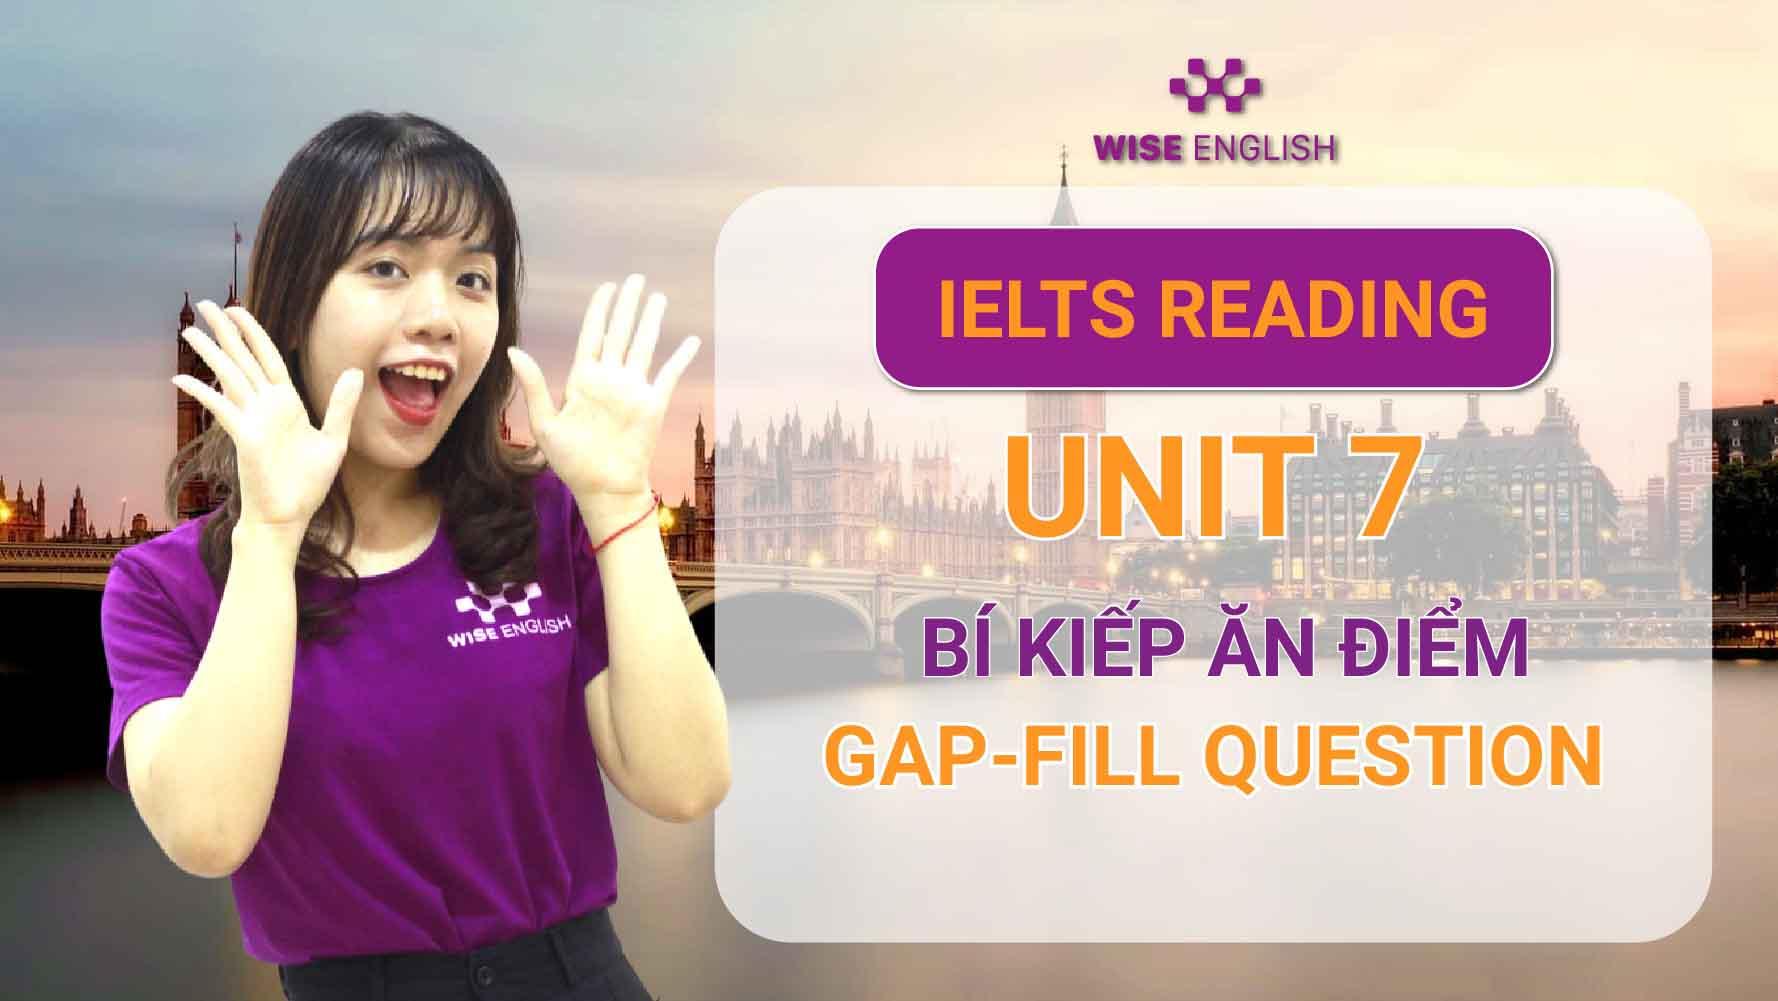 unit7 ielts reading